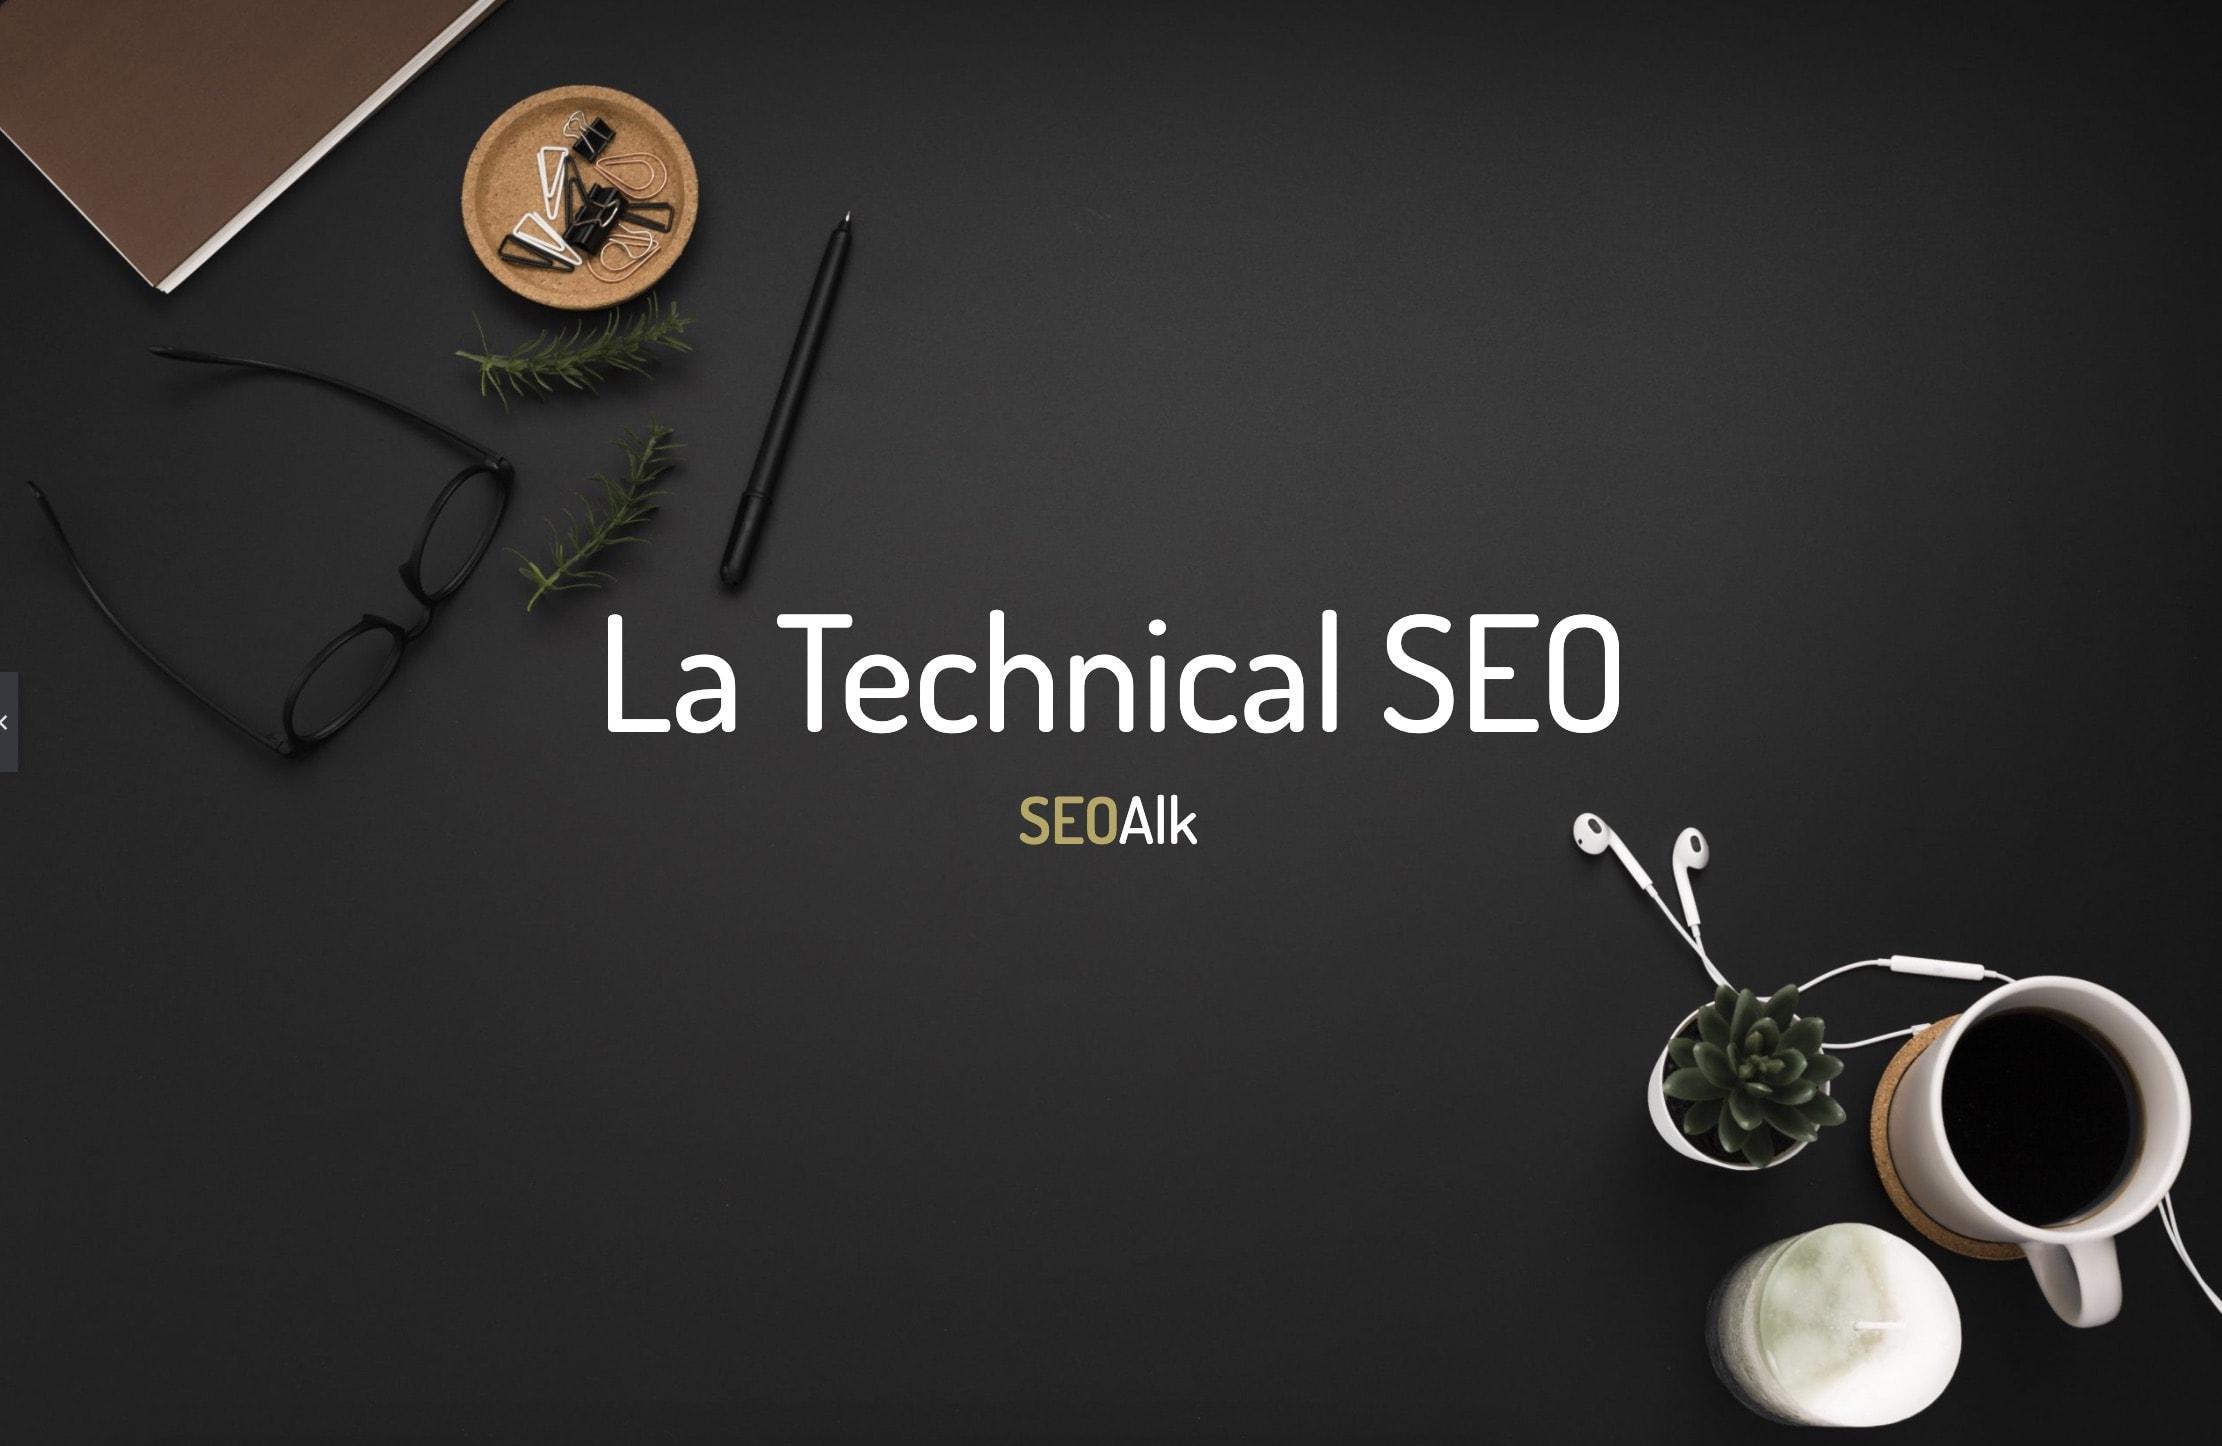 La technical SEO SEOAlk